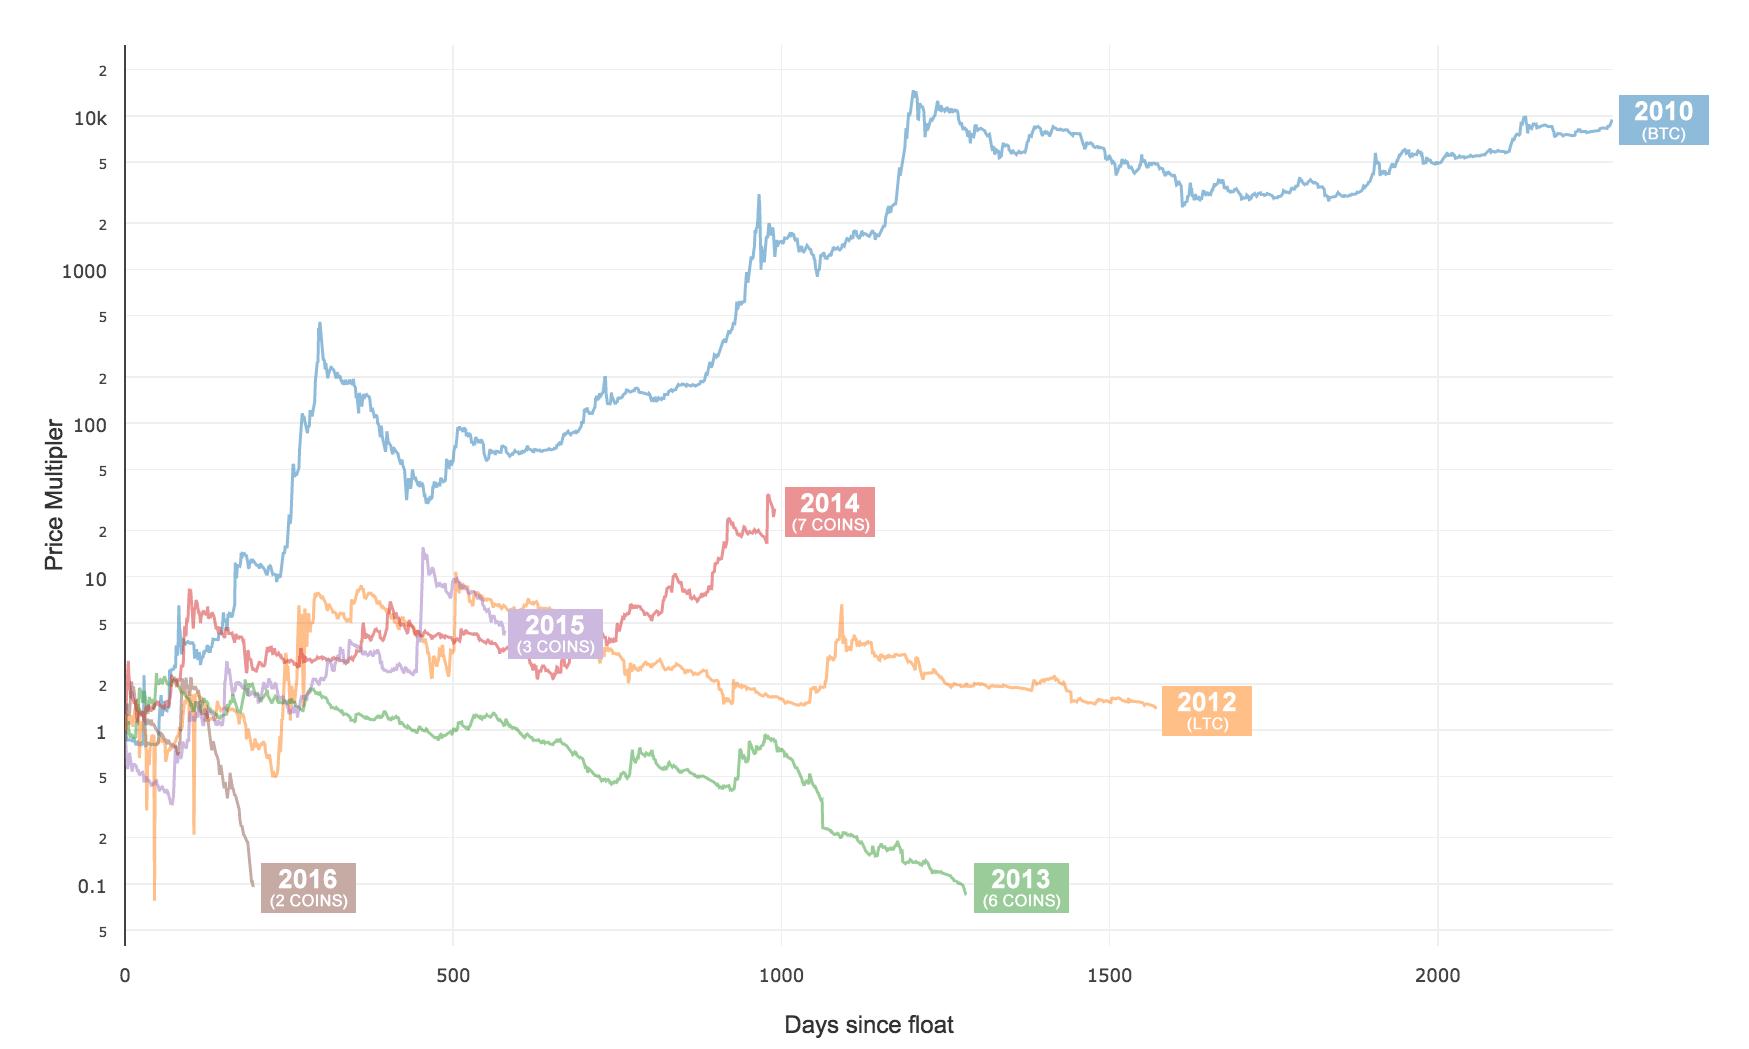 Ценовая динамика индексов, объединяющих разные альткоины по времени их создания (монеты с капитализацией $10 млн и выше)